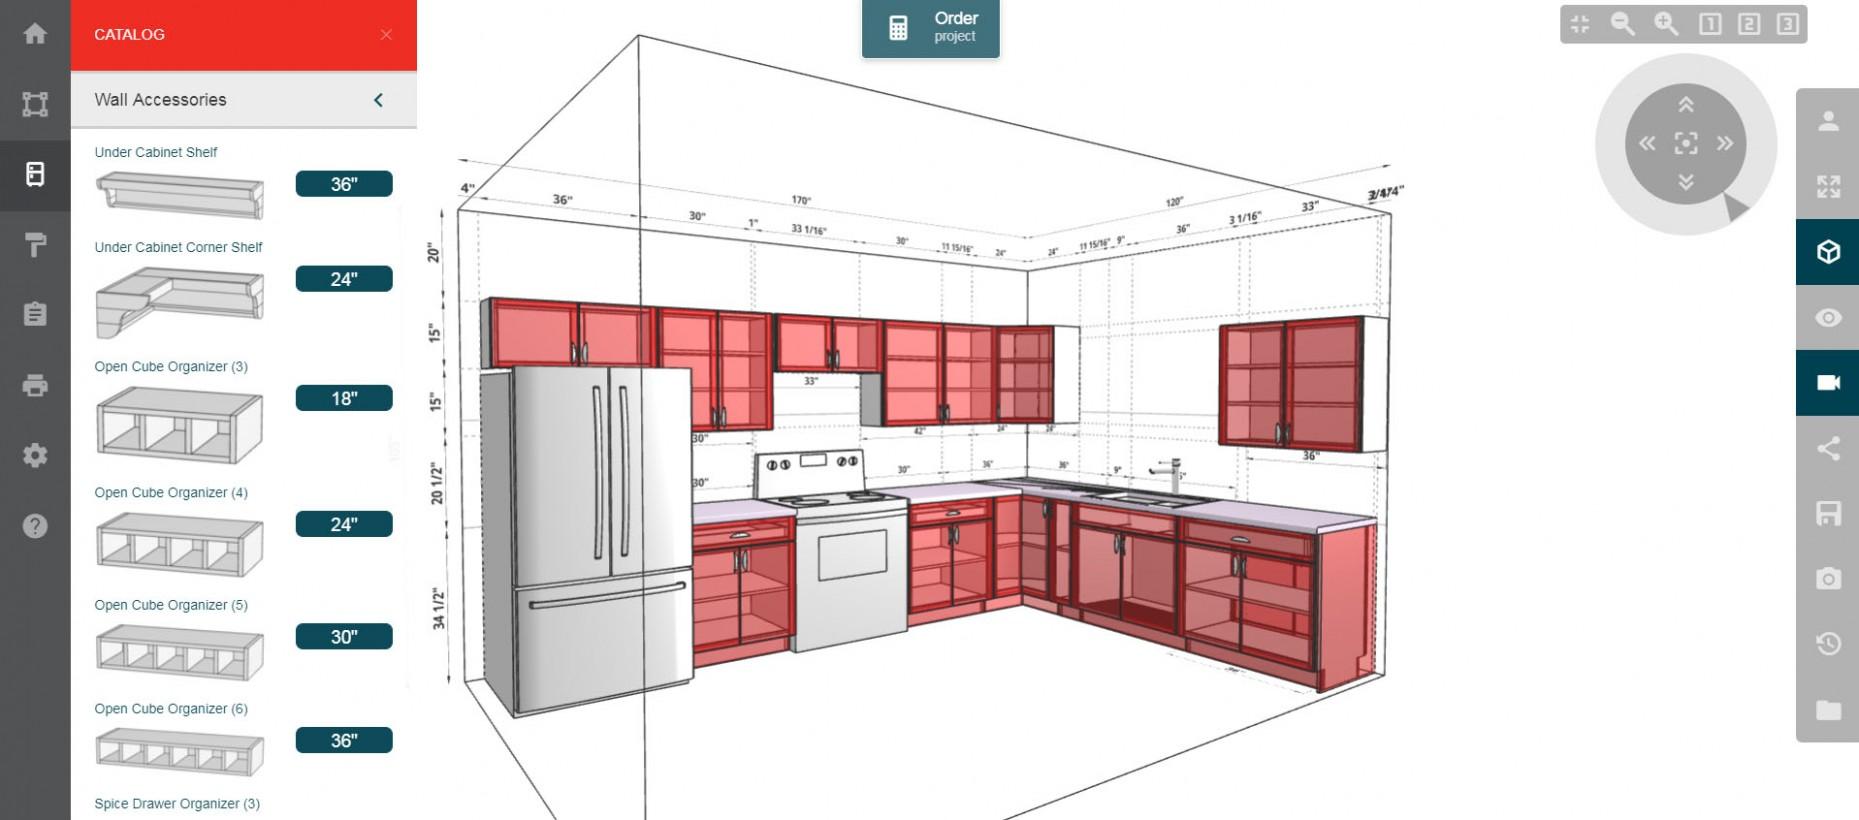 Merillat Kitchen Planner - Kitchen Cabinets Layout Design Tool